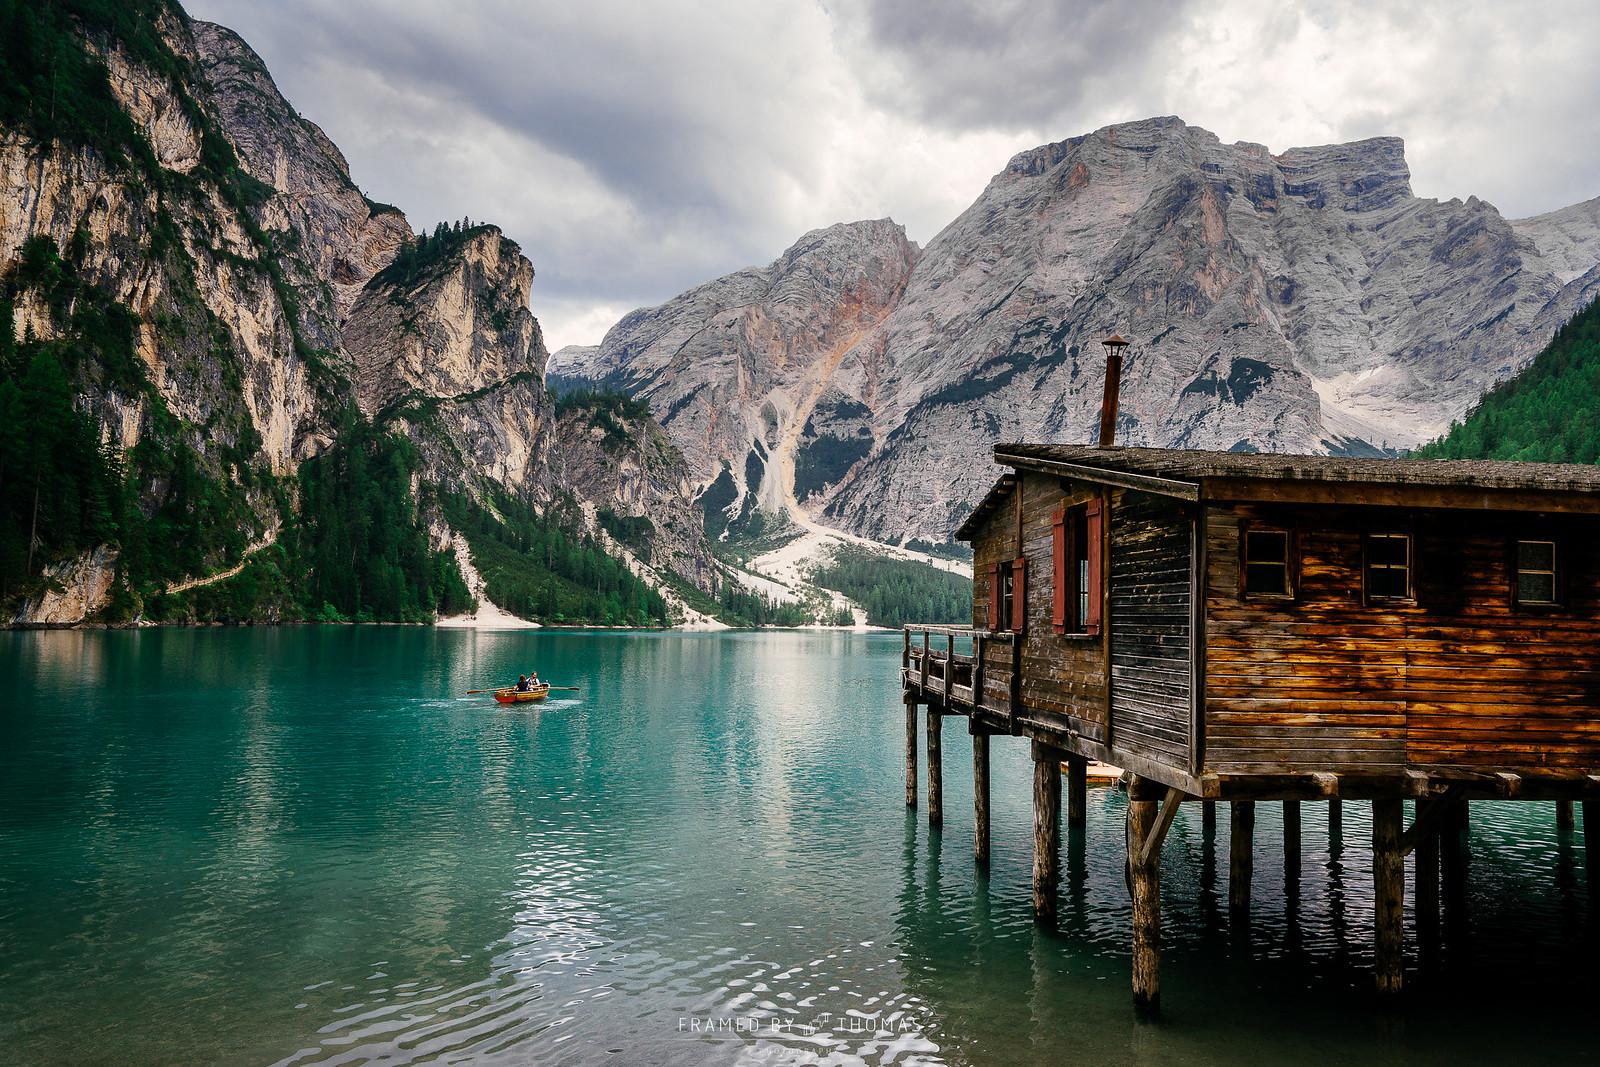 【義大利】健行在阿爾卑斯的絕美秘境:多洛米提山脈 (The Dolomites) 行程規劃全攻略 10